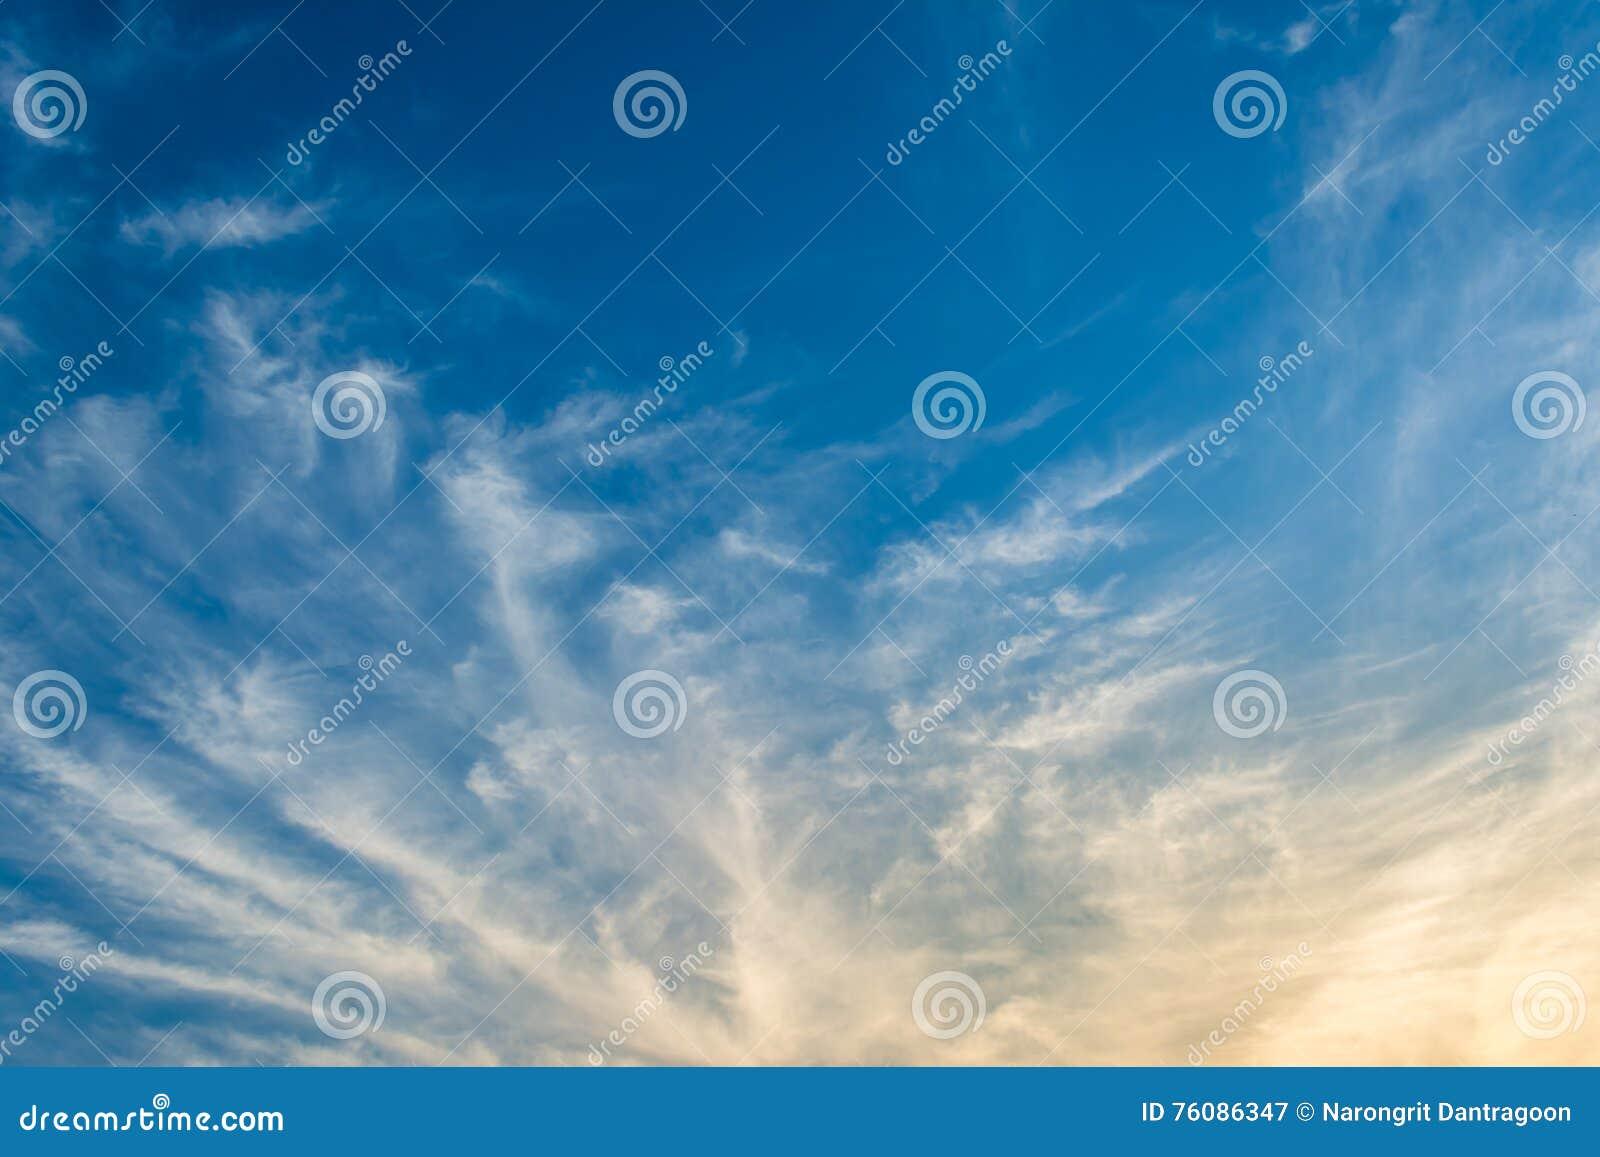 Fond de ciel bleu avec les nuages minuscules